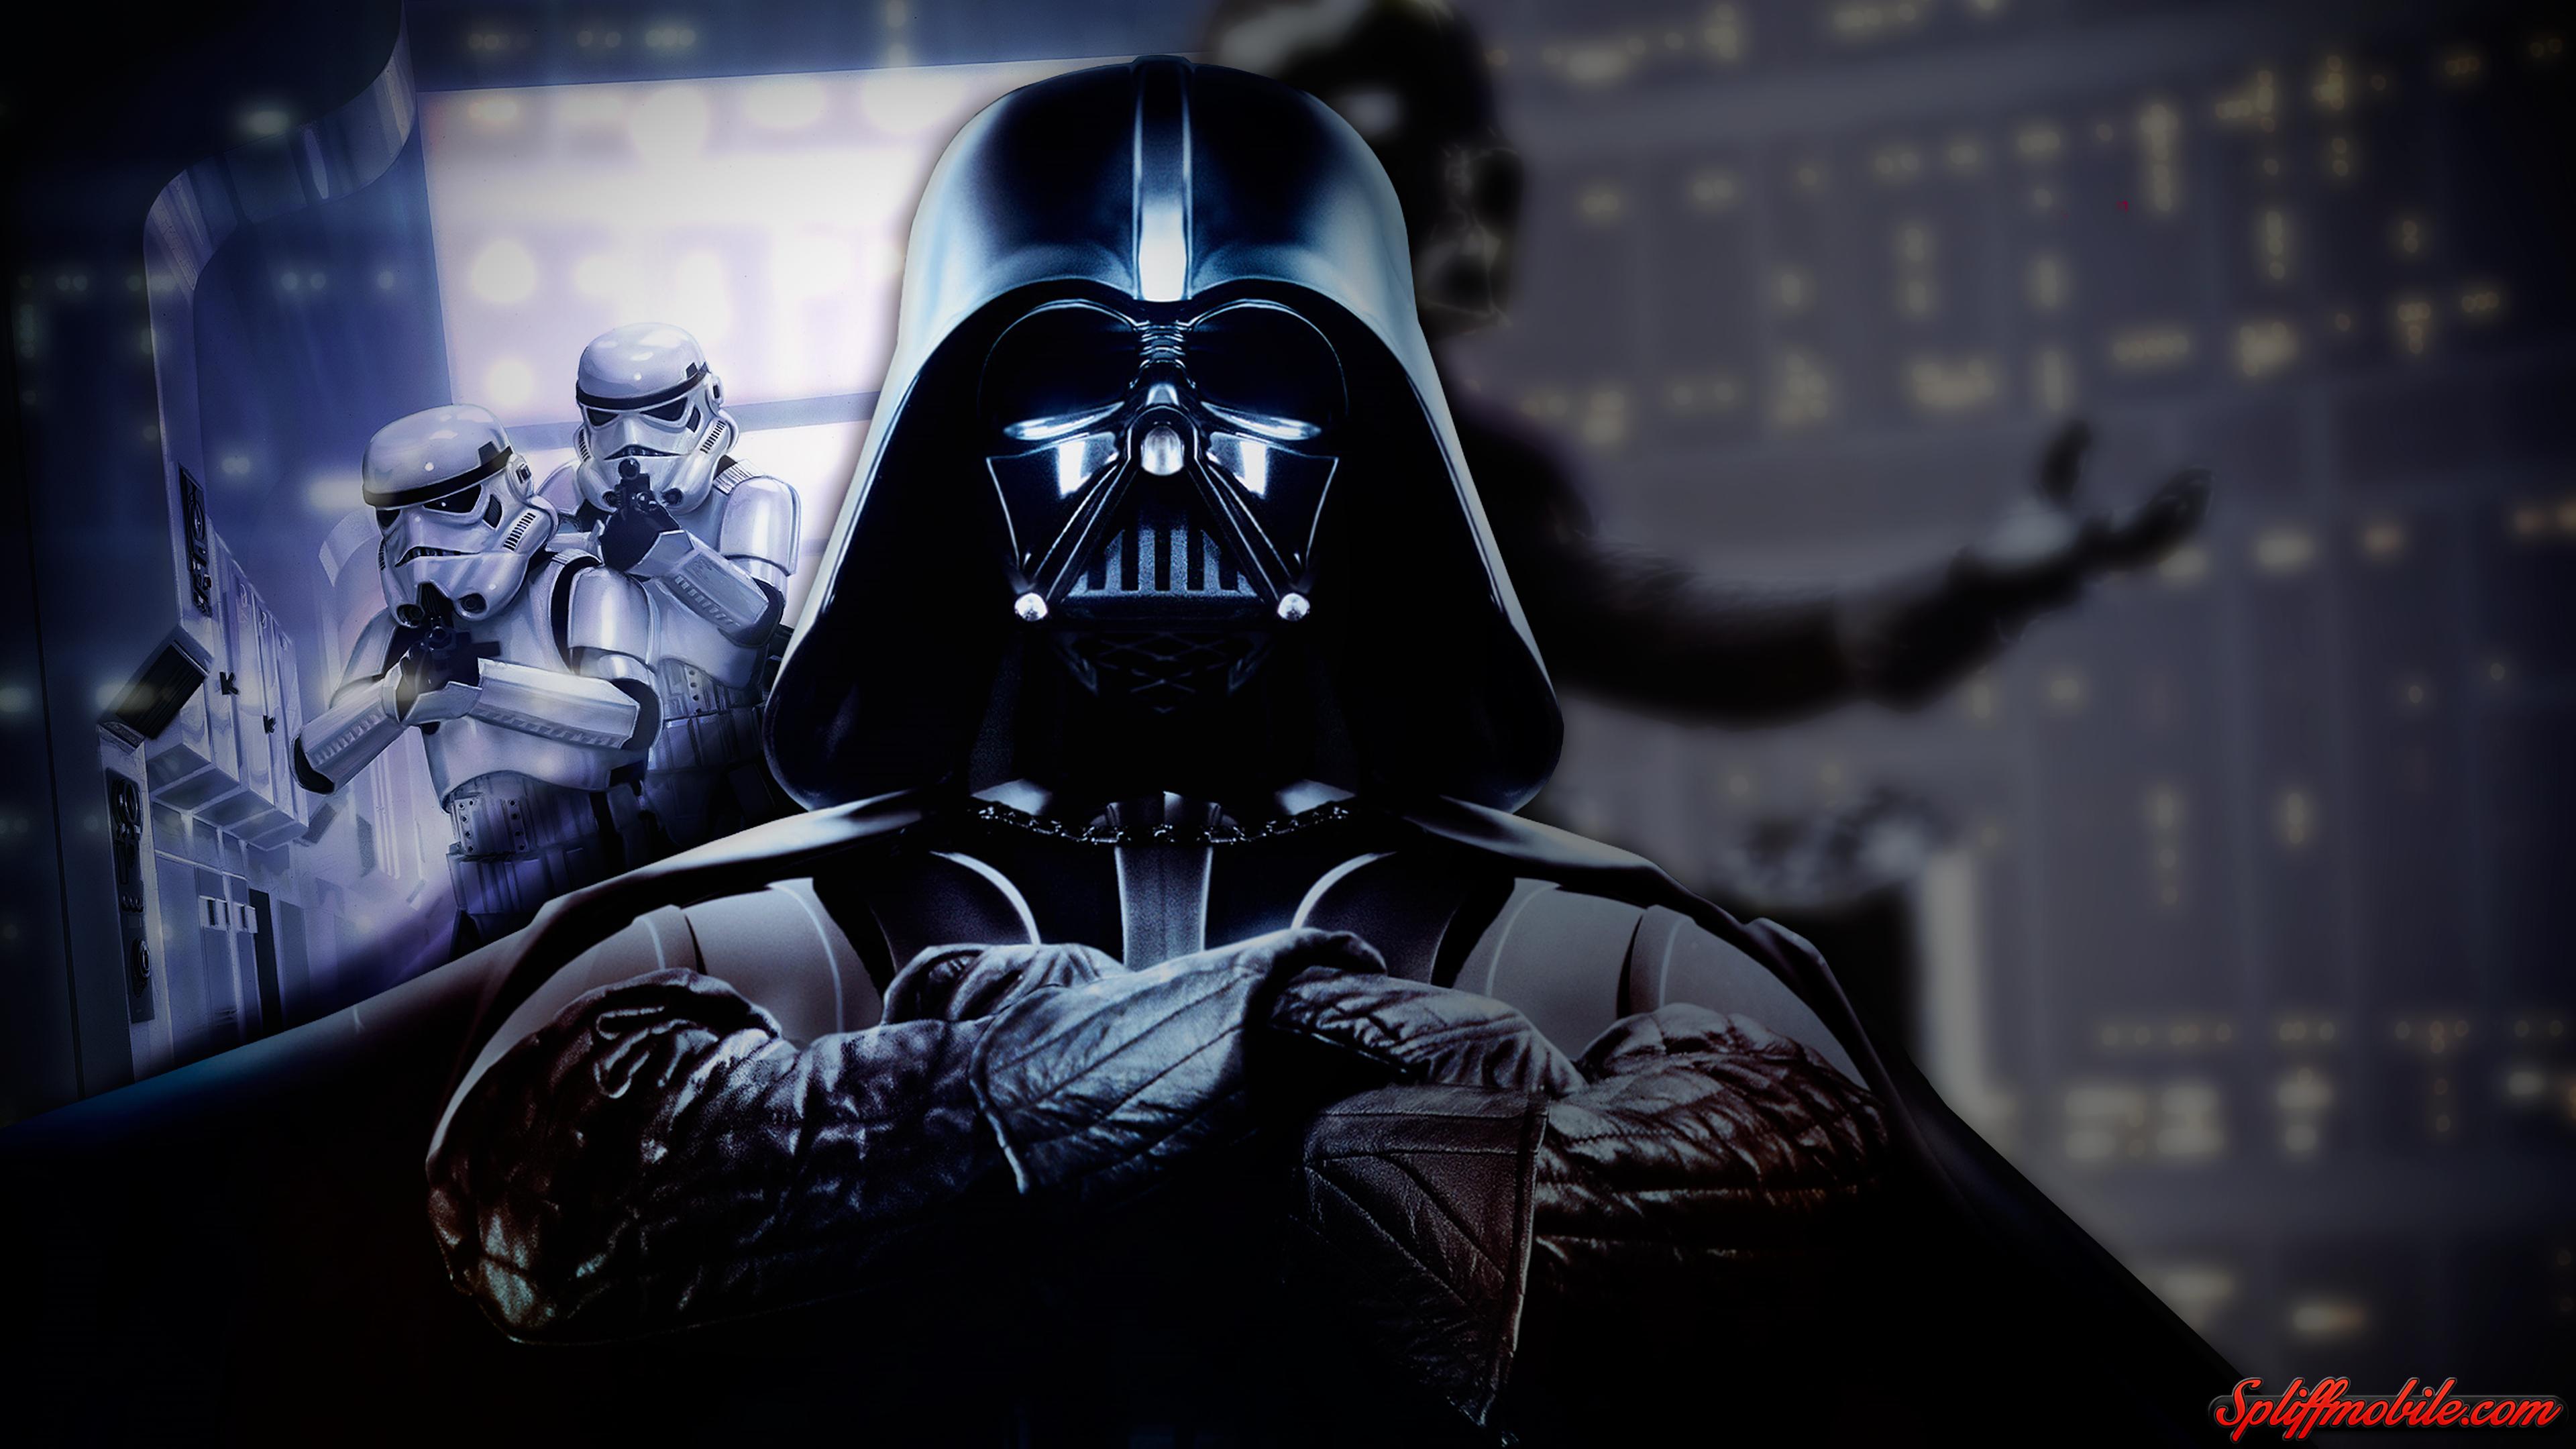 Darth Vader Darth Vader Darth Vader Artwork Star Wars